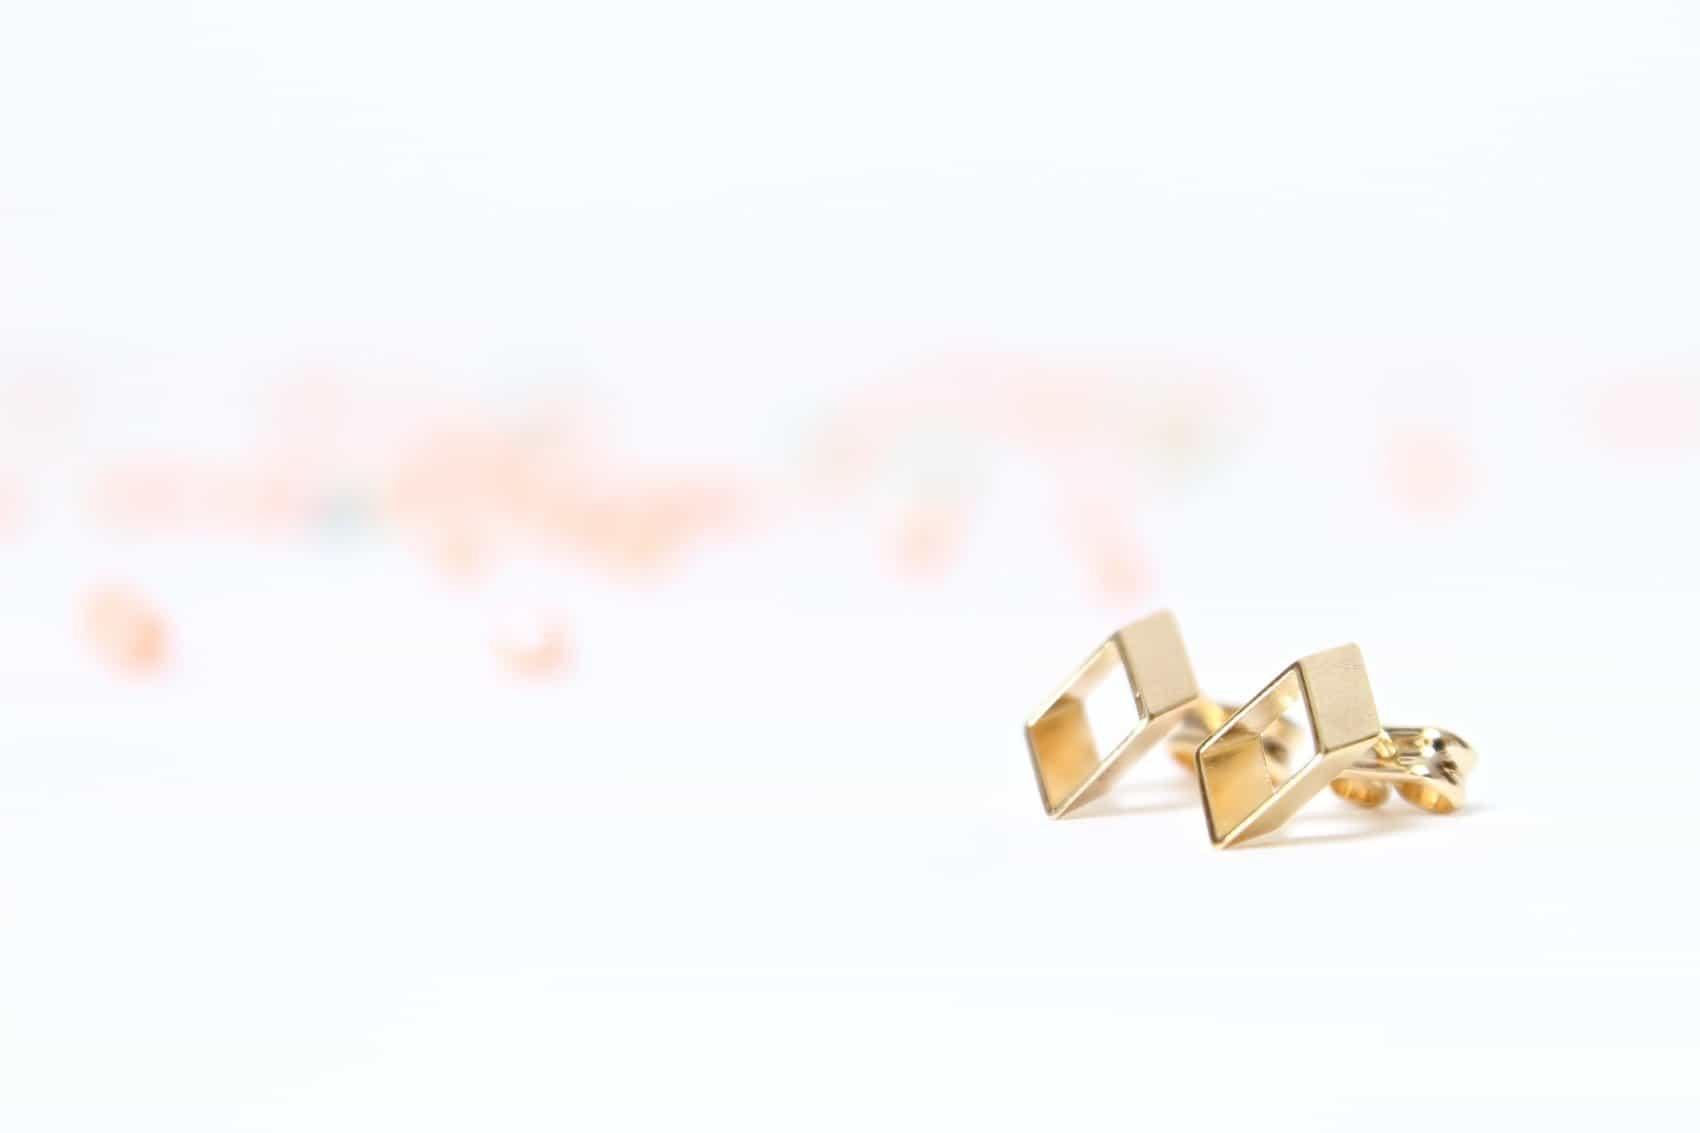 Rombo Pendientes/Earrings